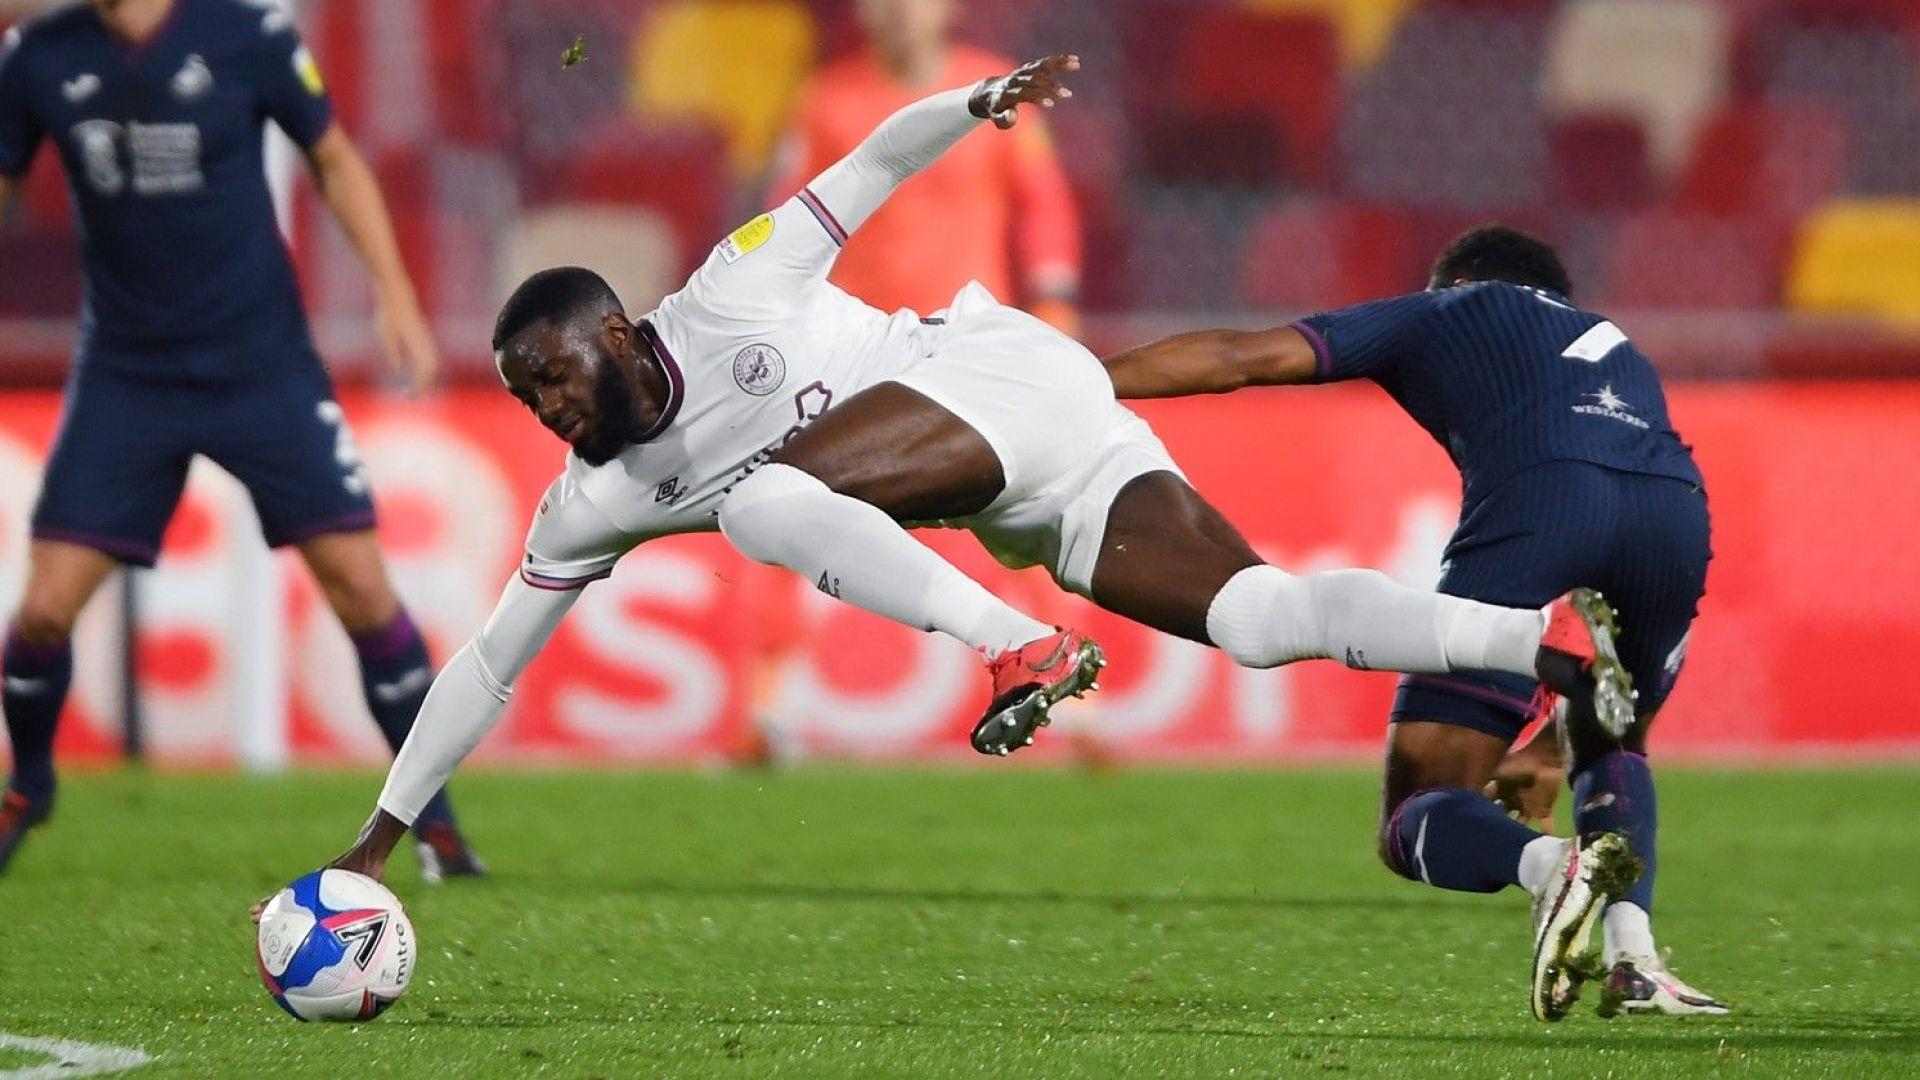 Това е битка за 200 милиона евро - най-скъпият мач във футбола